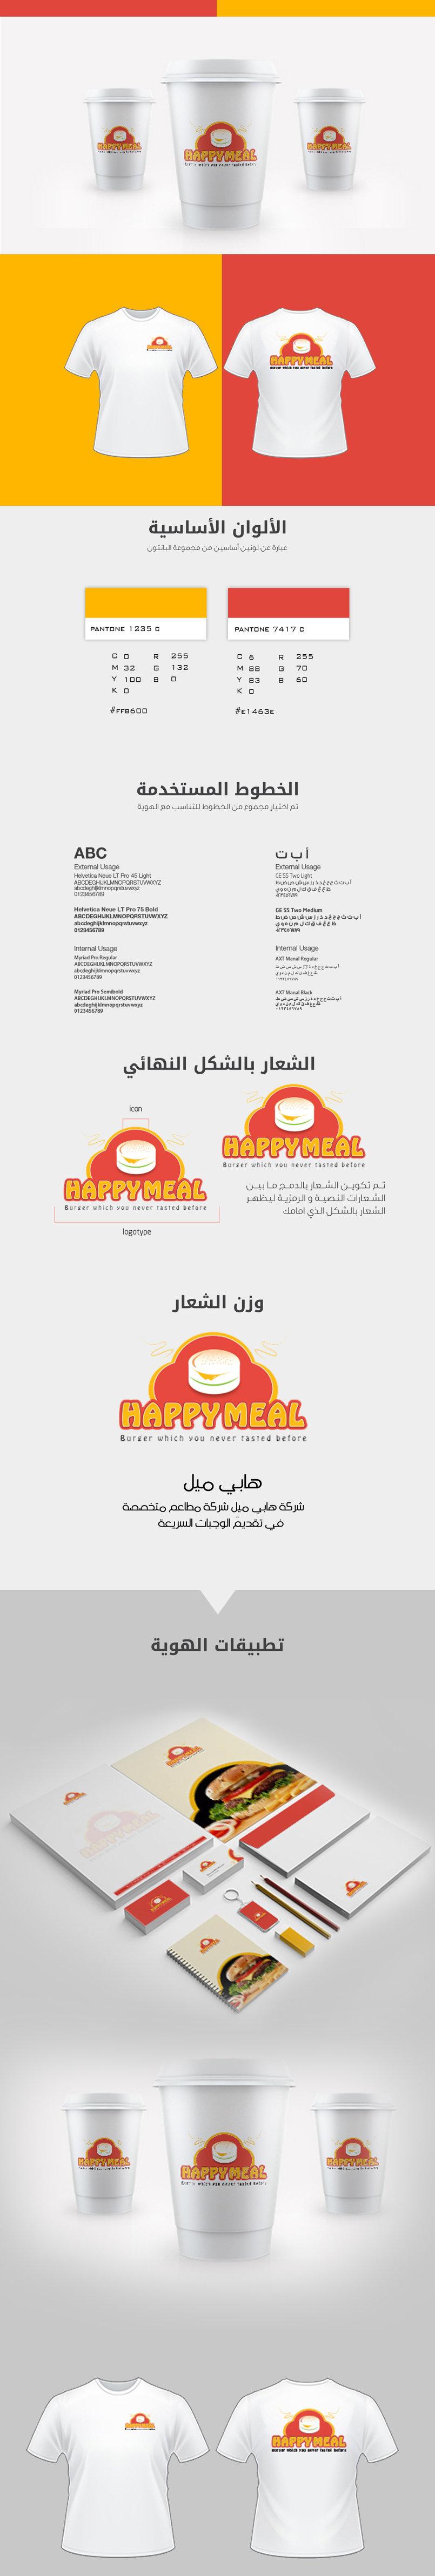 تصميم هوية متكاملة (Happy Meal)شعار + هوية